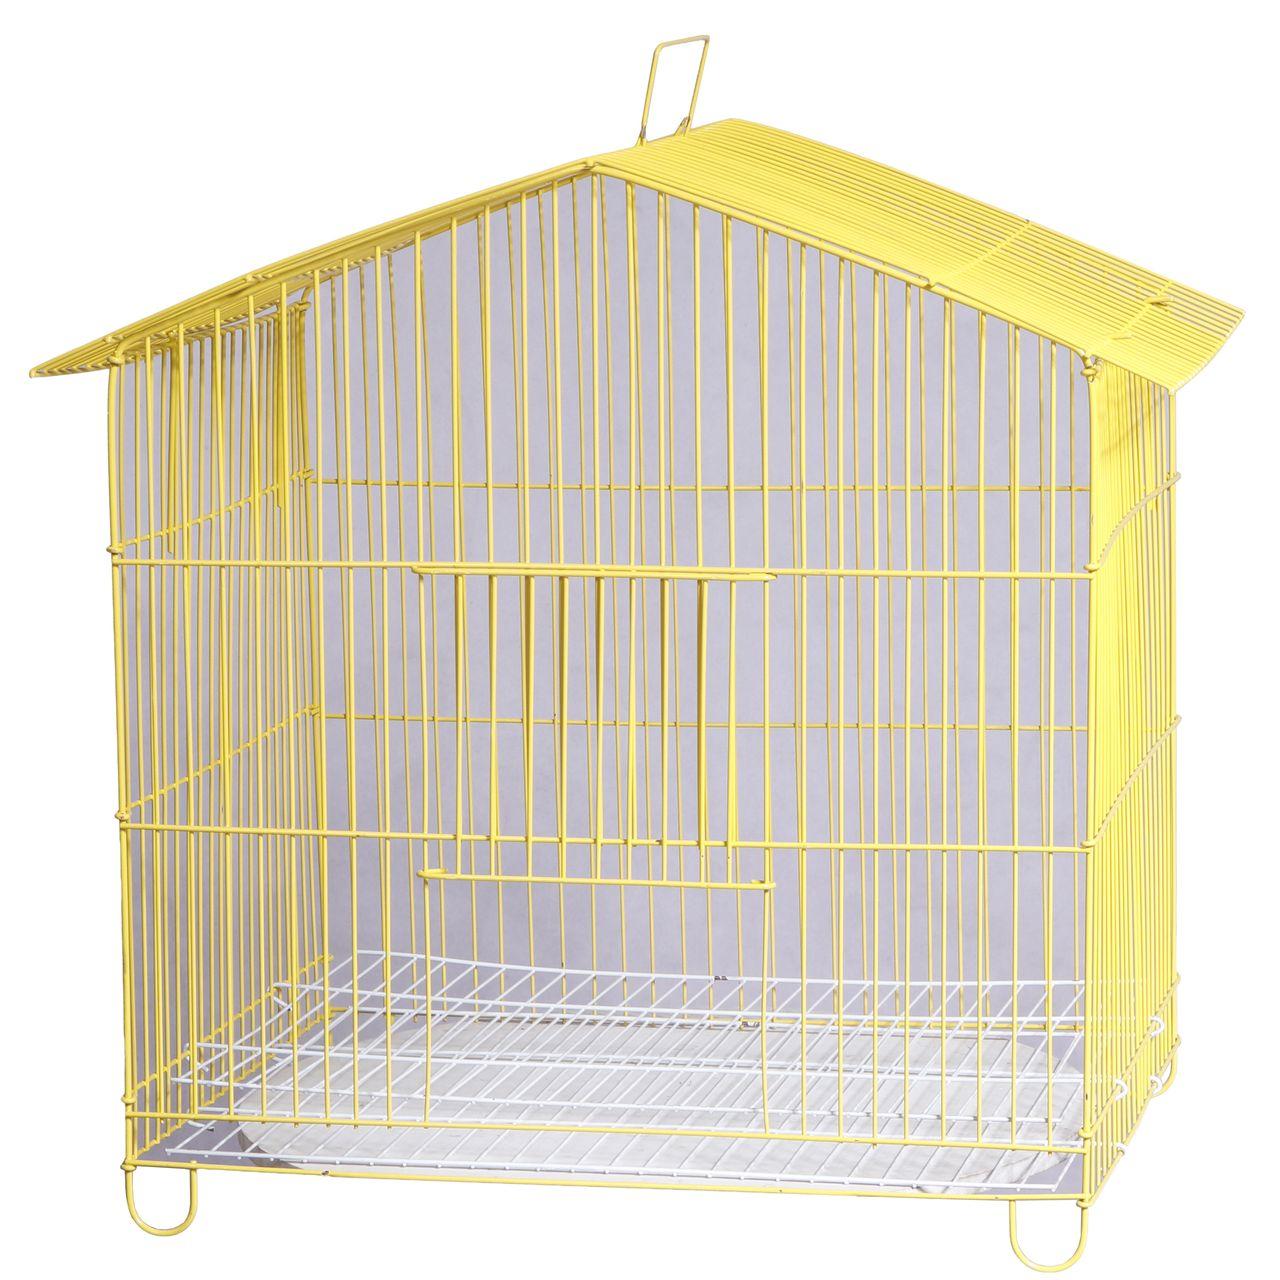 قفس پرندگان کد S362237